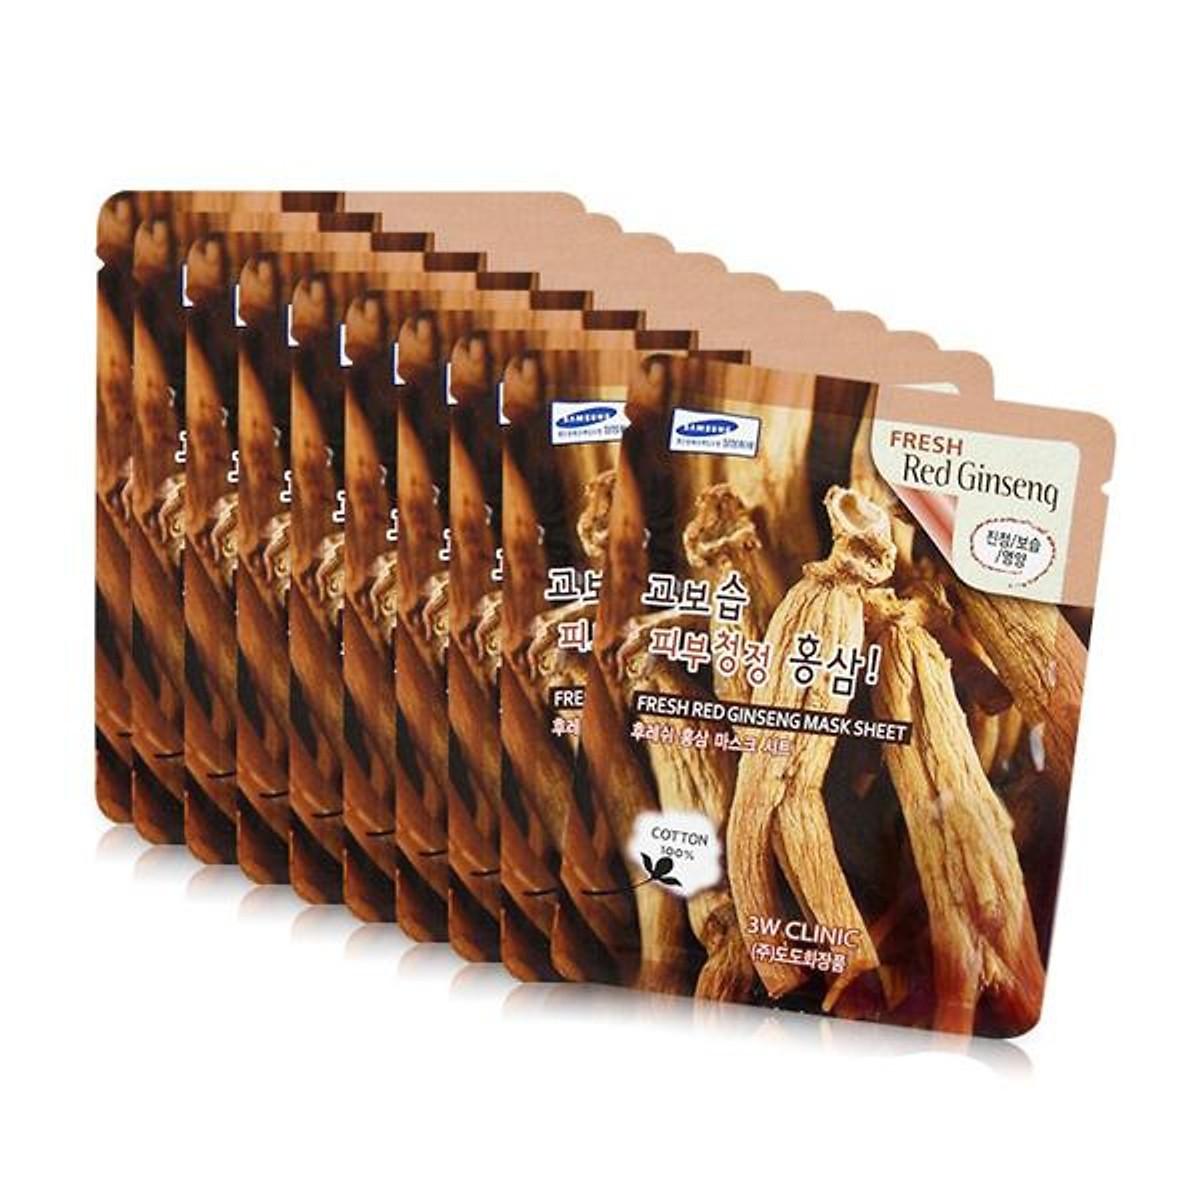 Combo Sữa rửa mặt chiết xuất từ than hoạt tính 3W CLINIC CHARCOAL CLEANSING FOAM và Bộ 10 gói mặt nạ dưỡng da 3W Clinic Fresh Red Ginseng Mask Sheet